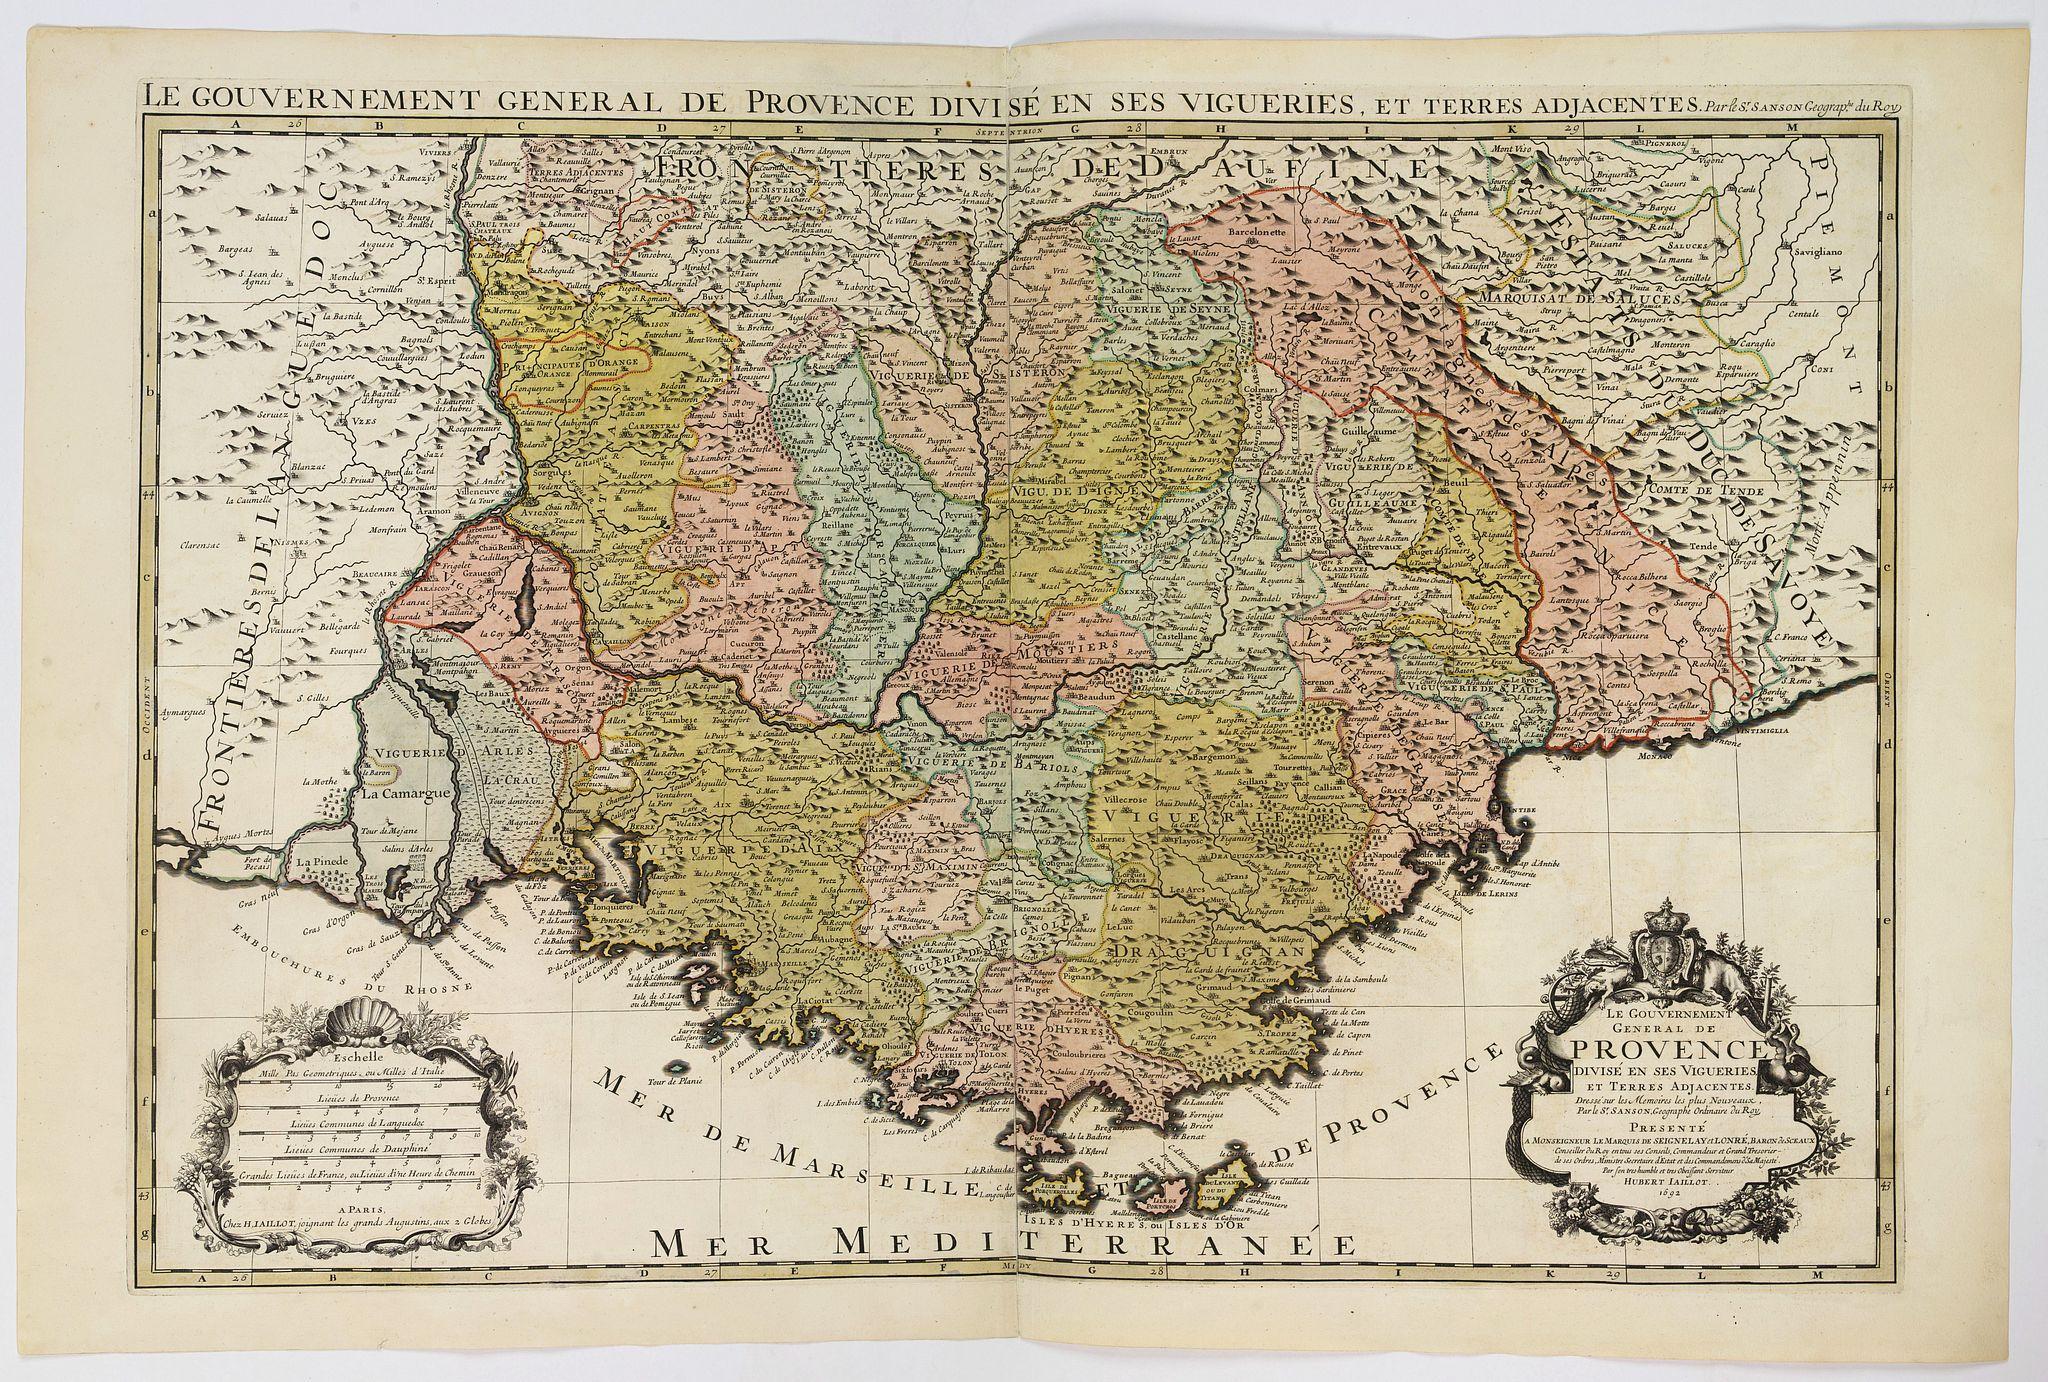 JAILLOT, H. / MORTIER, P. -  Le gouvernement général de Provence divise en ses vigueries. . .